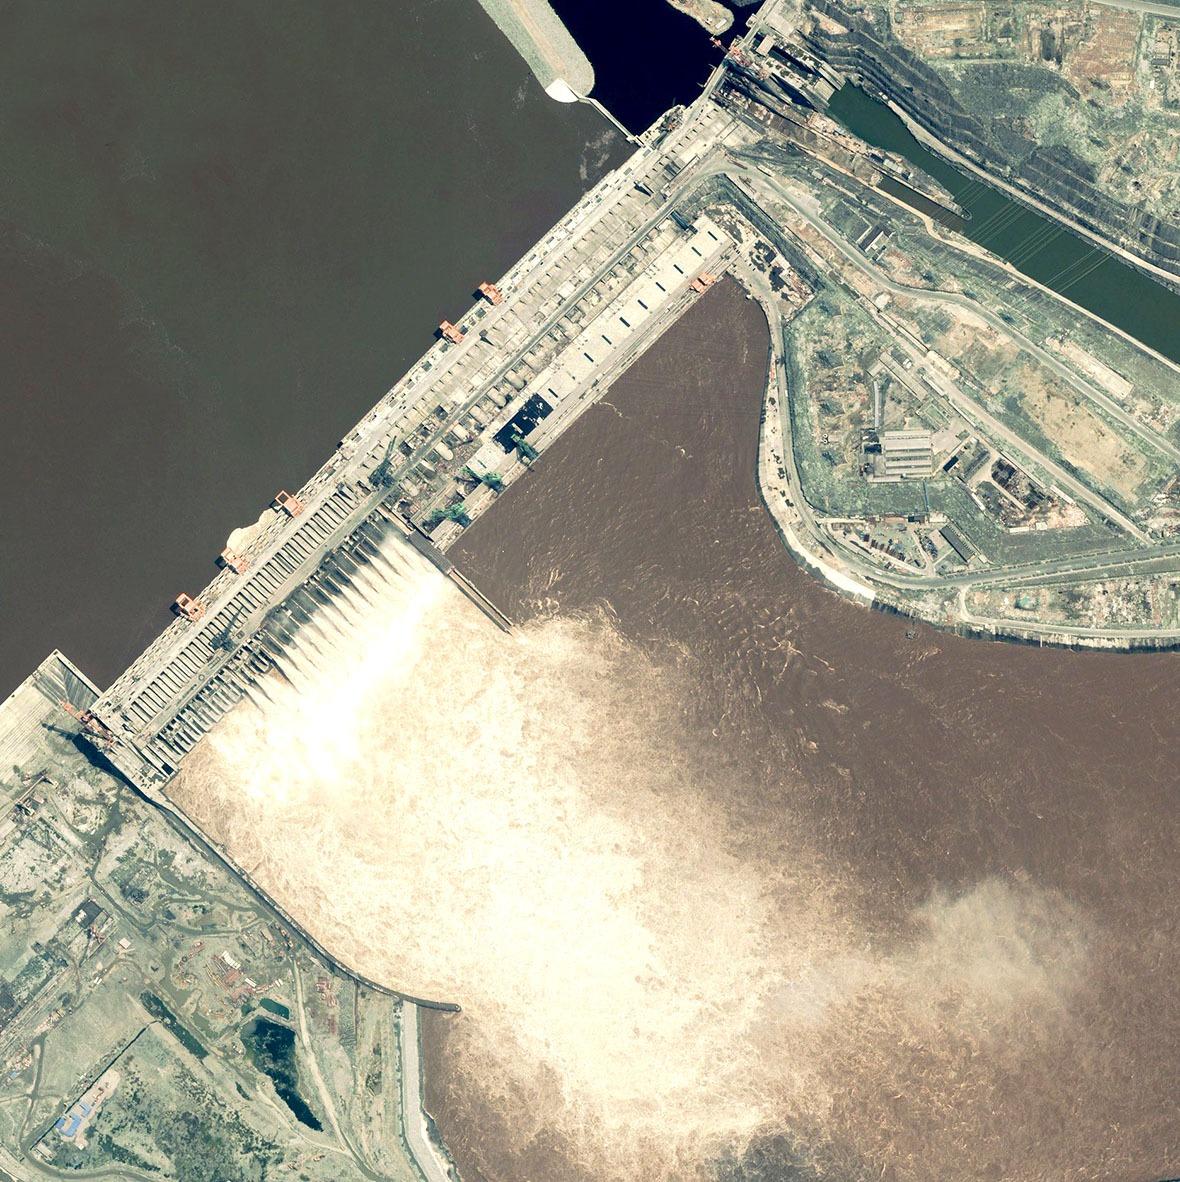 為了解決截流的問題,當時的科研團隊提出了一個「人造江底,深水變淺」的理念,成功讓三峽工程開展。